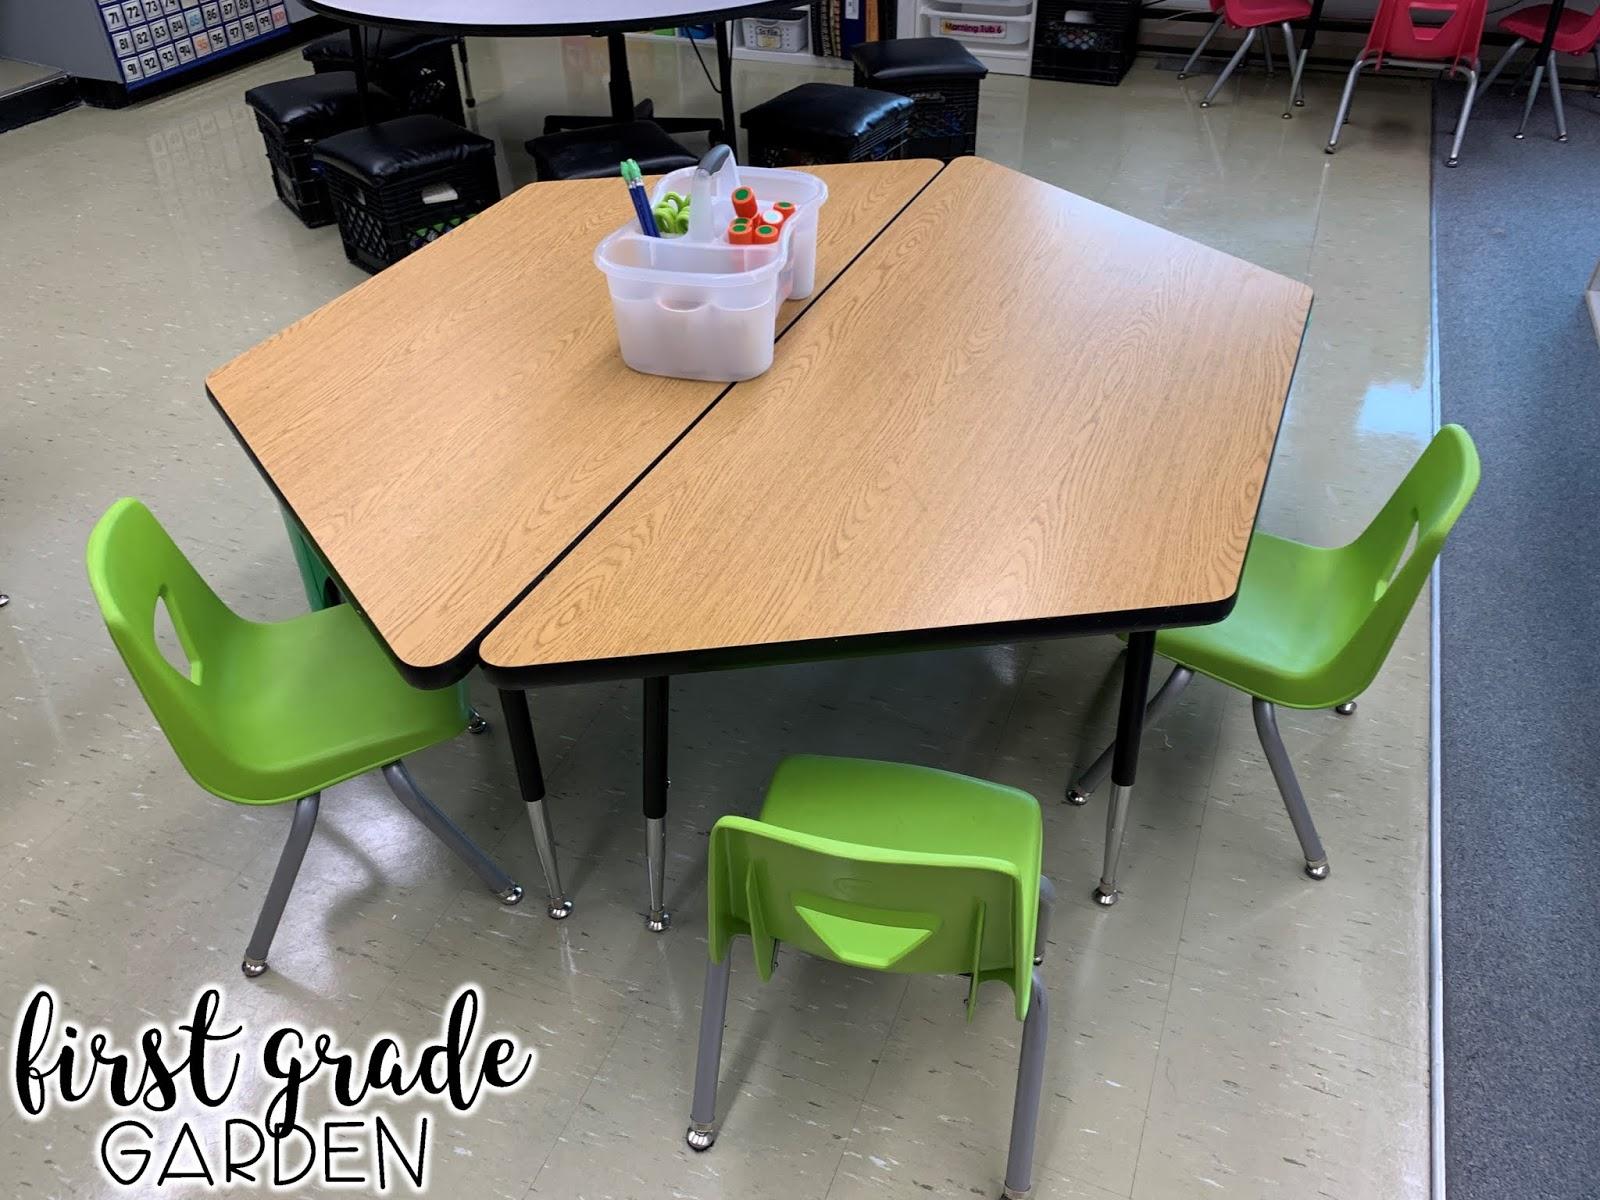 Swell First Grade Garden 2019 Inzonedesignstudio Interior Chair Design Inzonedesignstudiocom